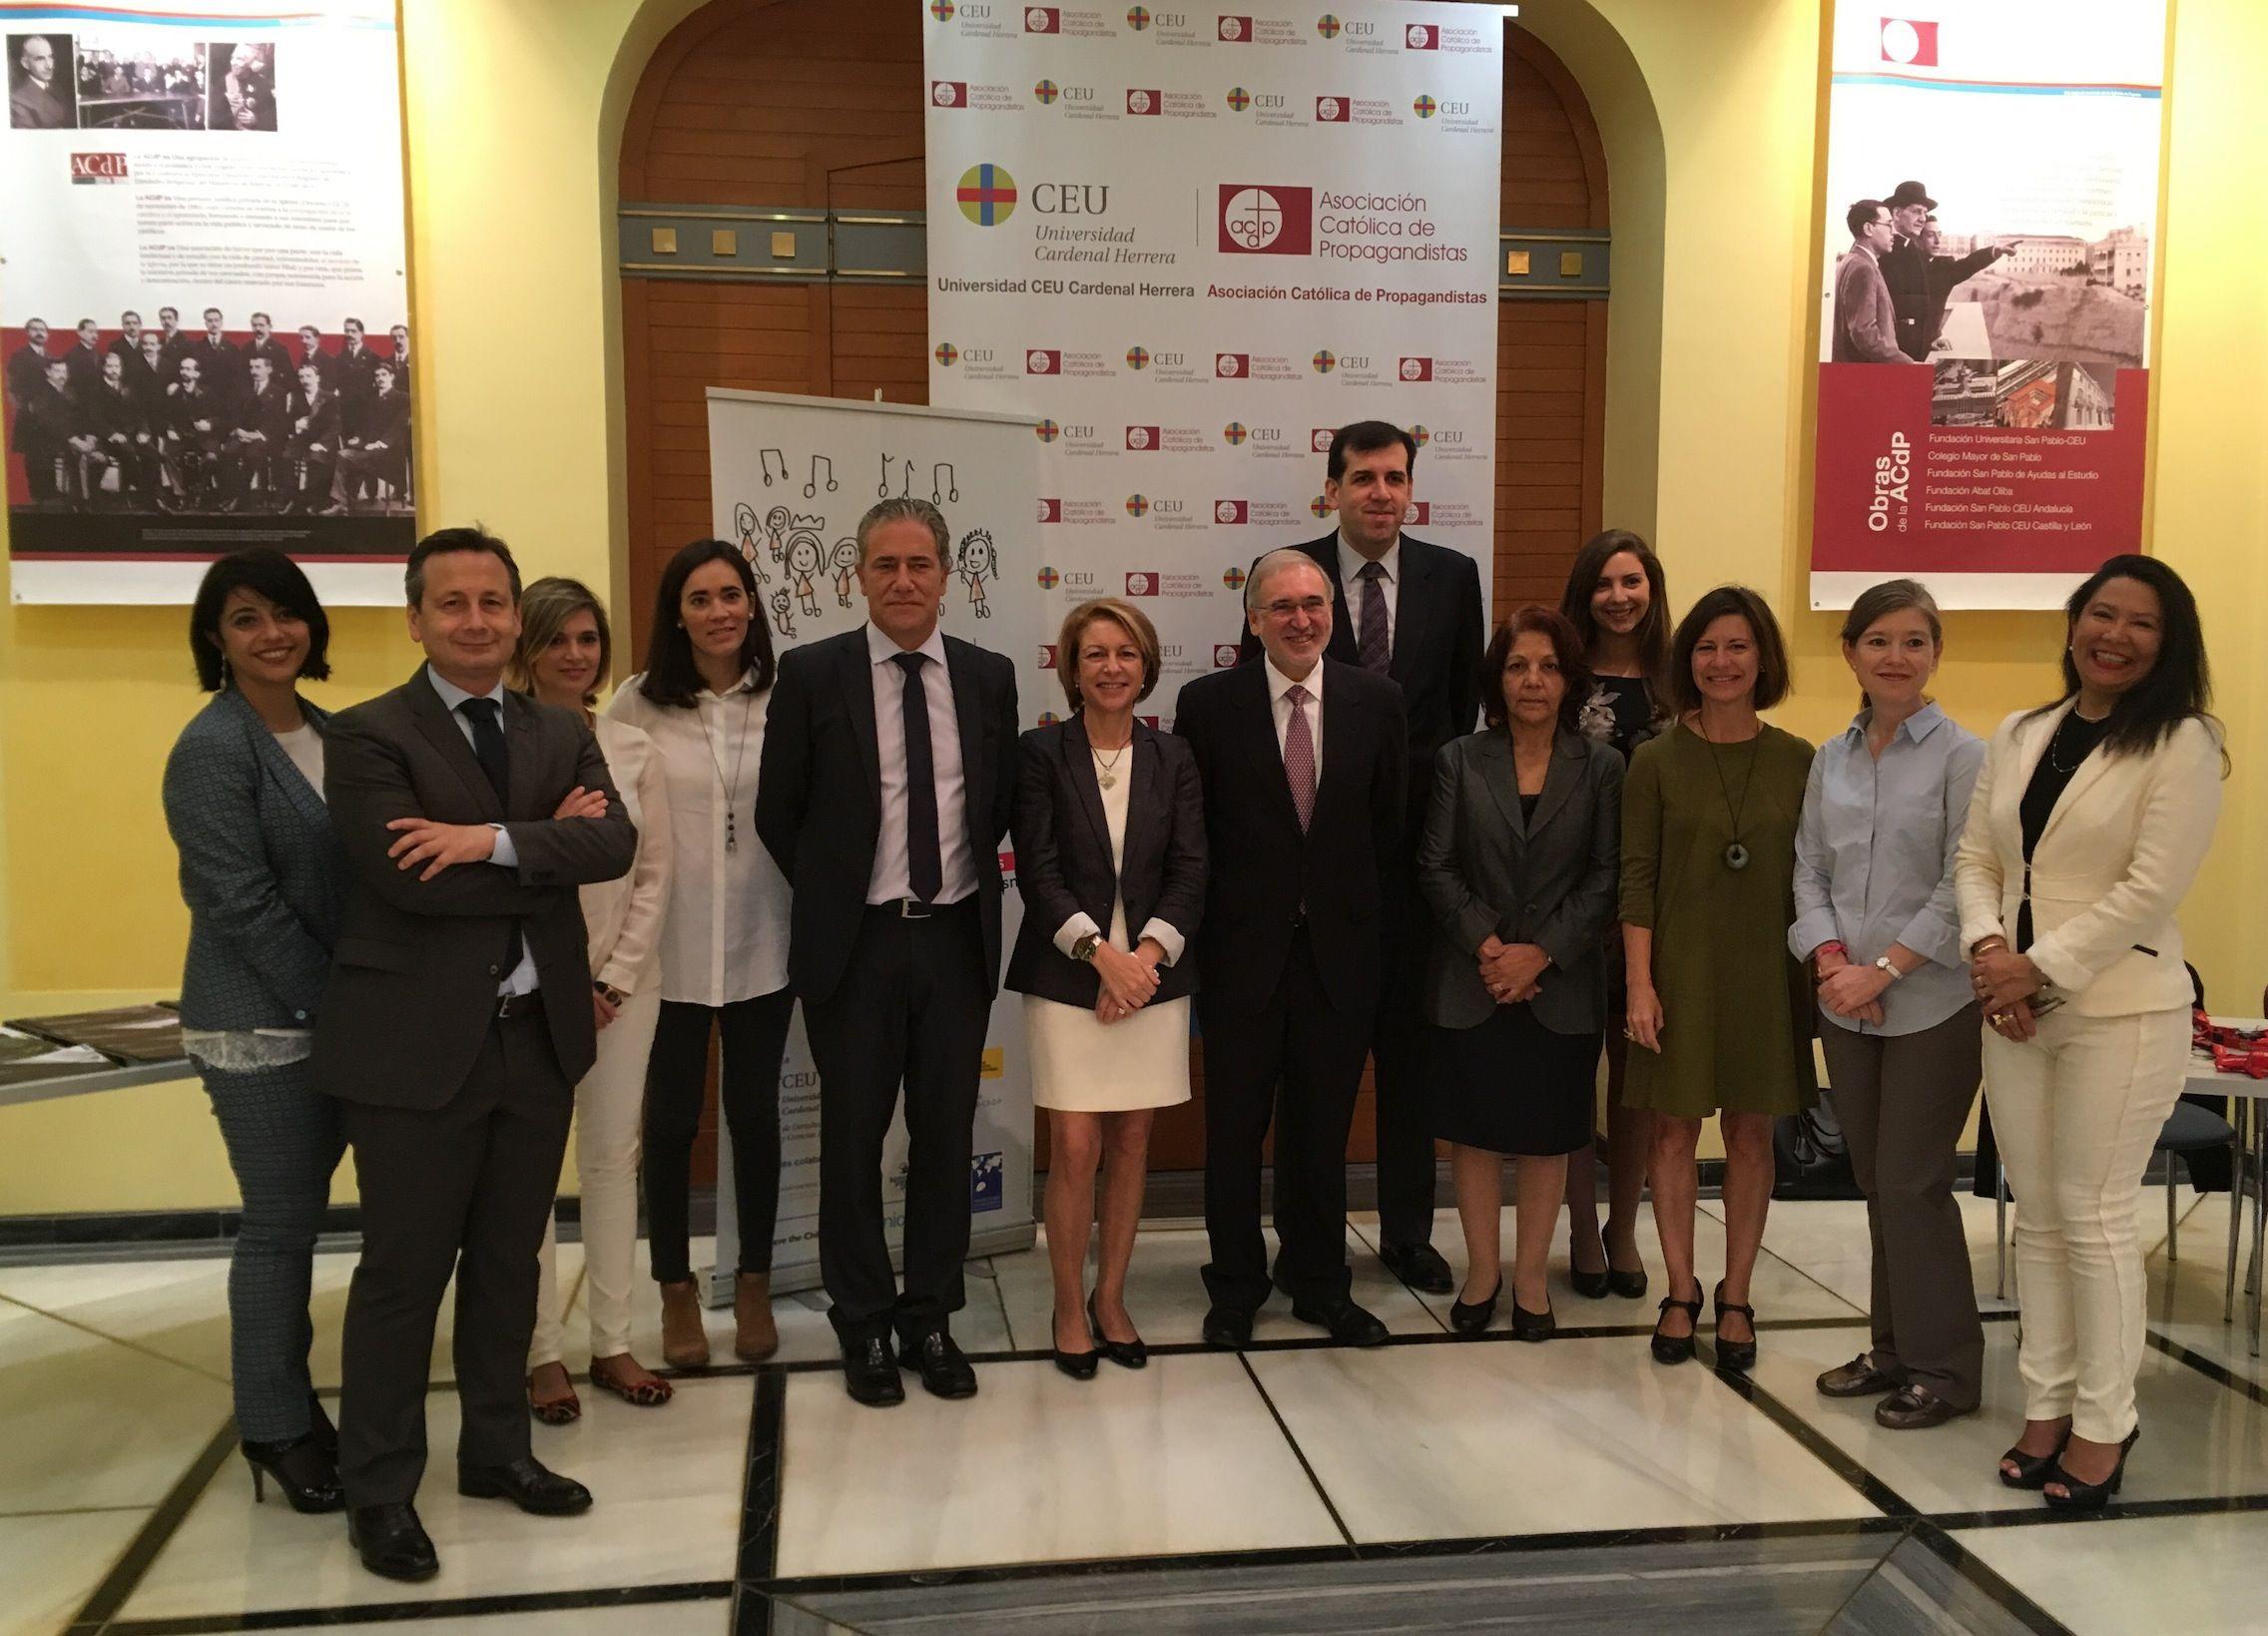 La rectora de la CEU-UCH, Rosa Visiedo, junto a ponentes y organizadores del Congreso Internacional sobre el Interés Superior del Niño en la CEU-UCH.